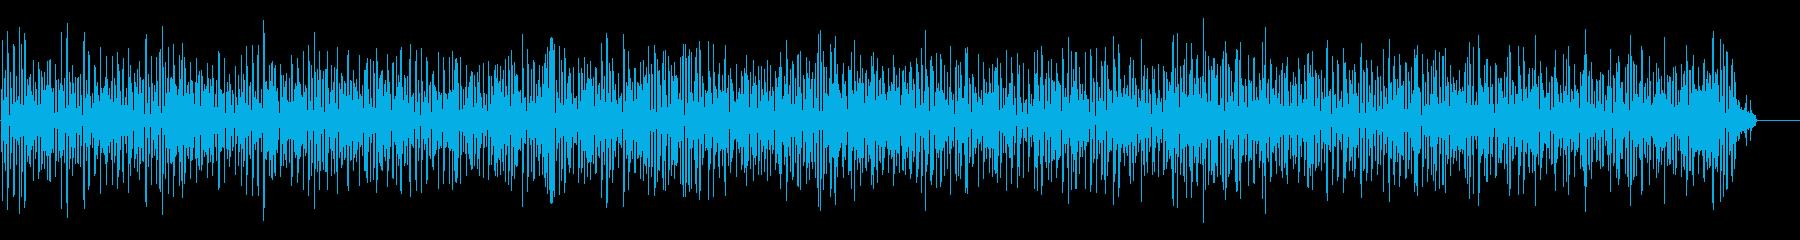 おしゃれで軽やかなアコーディオンジャズの再生済みの波形